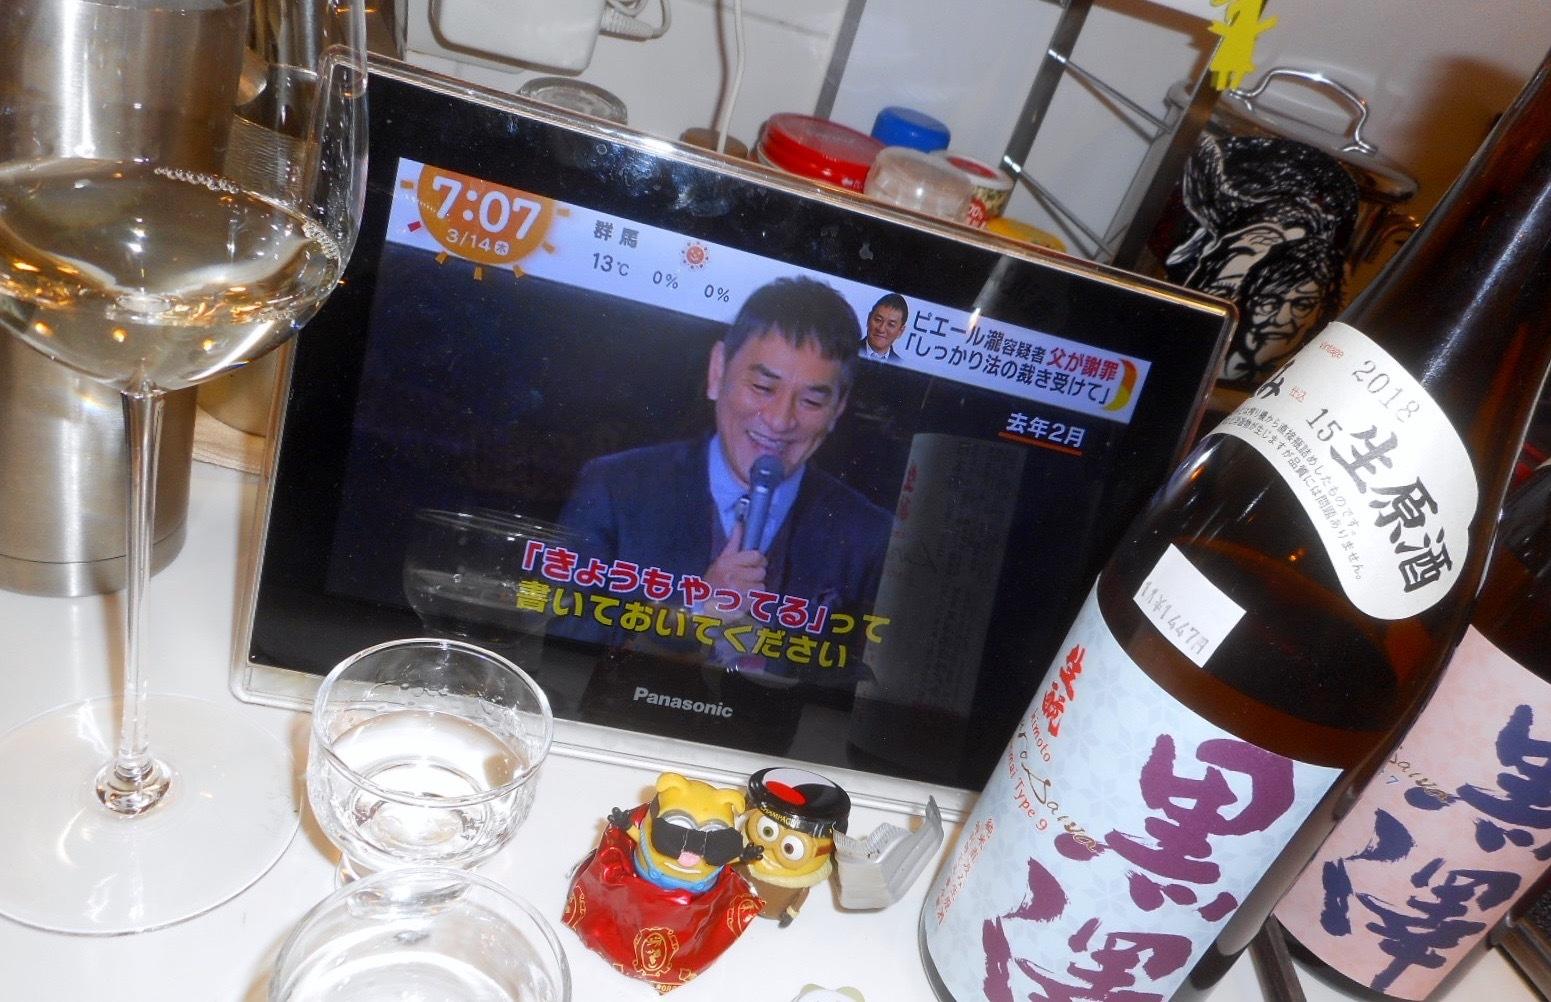 kurosawa_type9_30by1_6.jpg